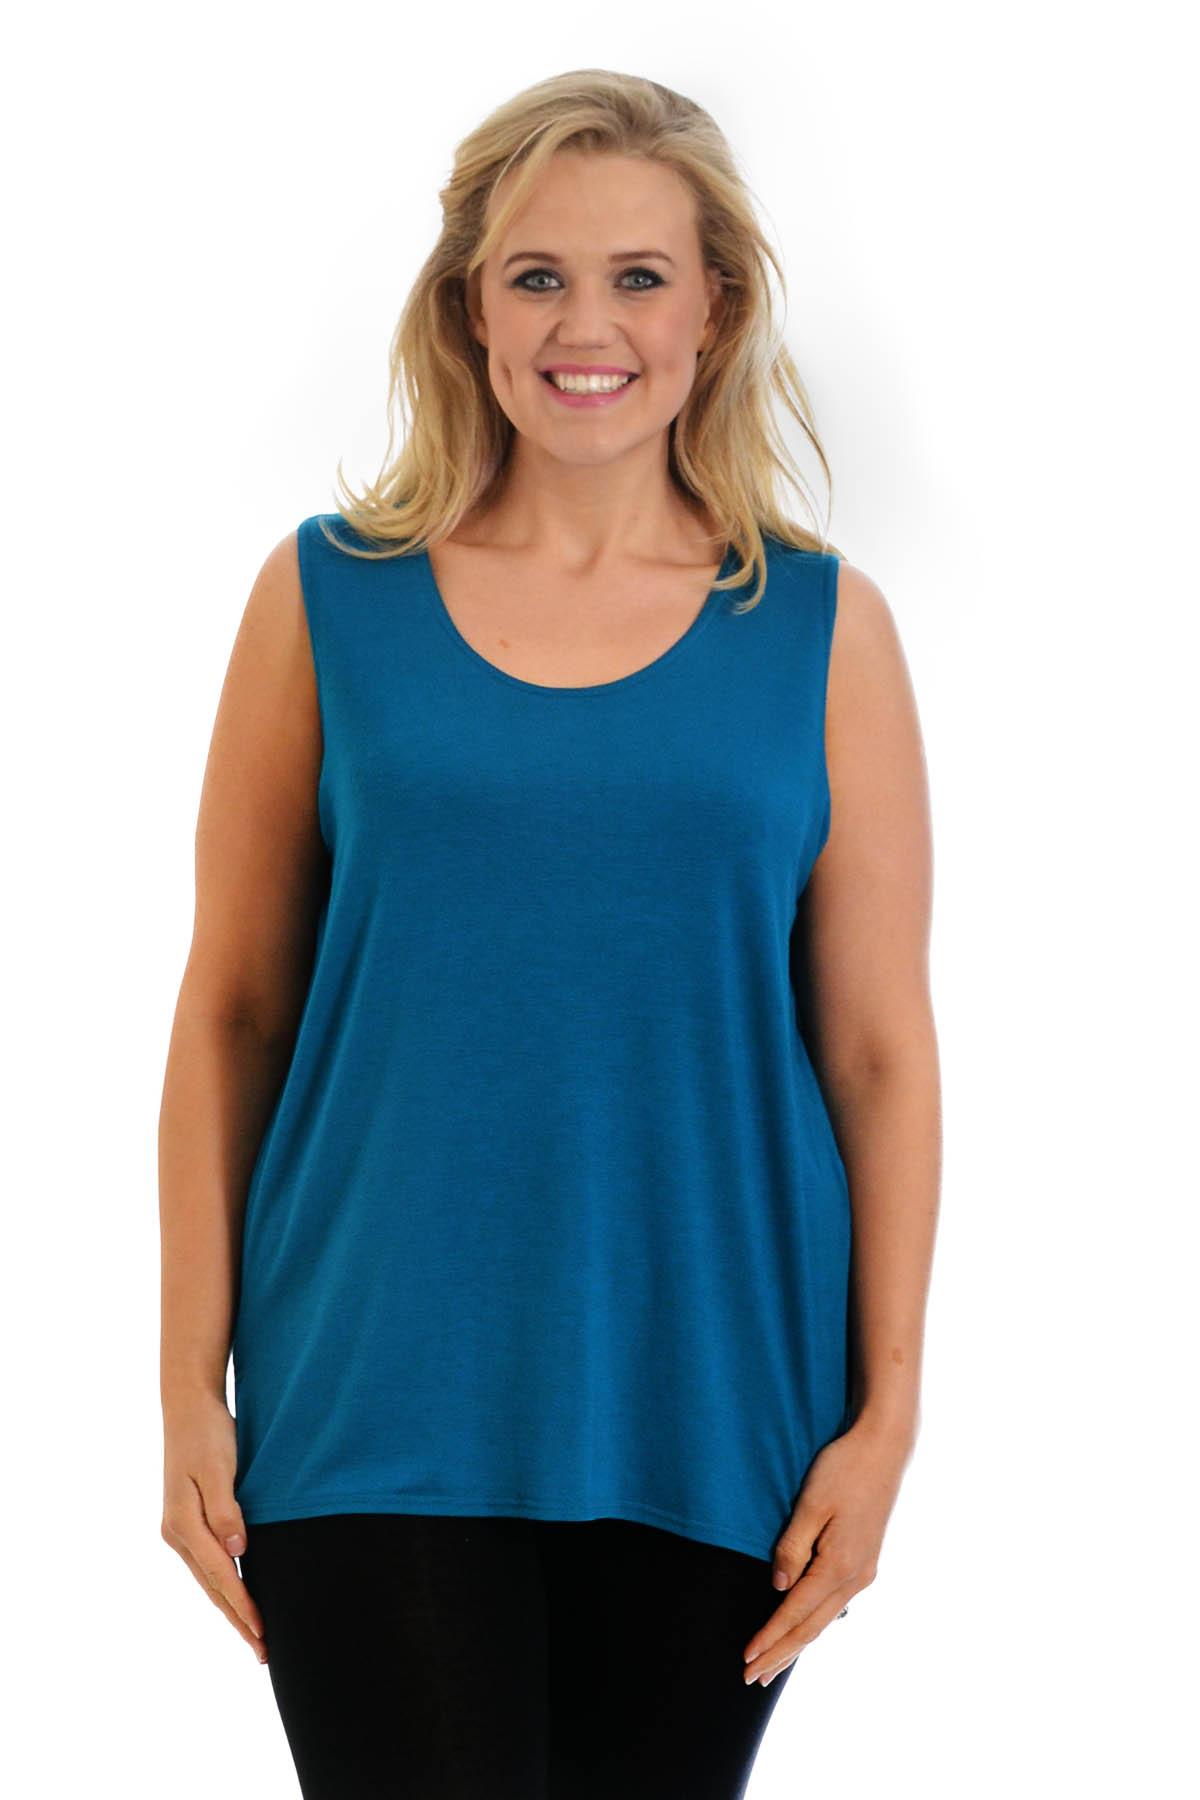 New Ladies Plus Size Vest Womens Plain Top Camisole Tunic ...